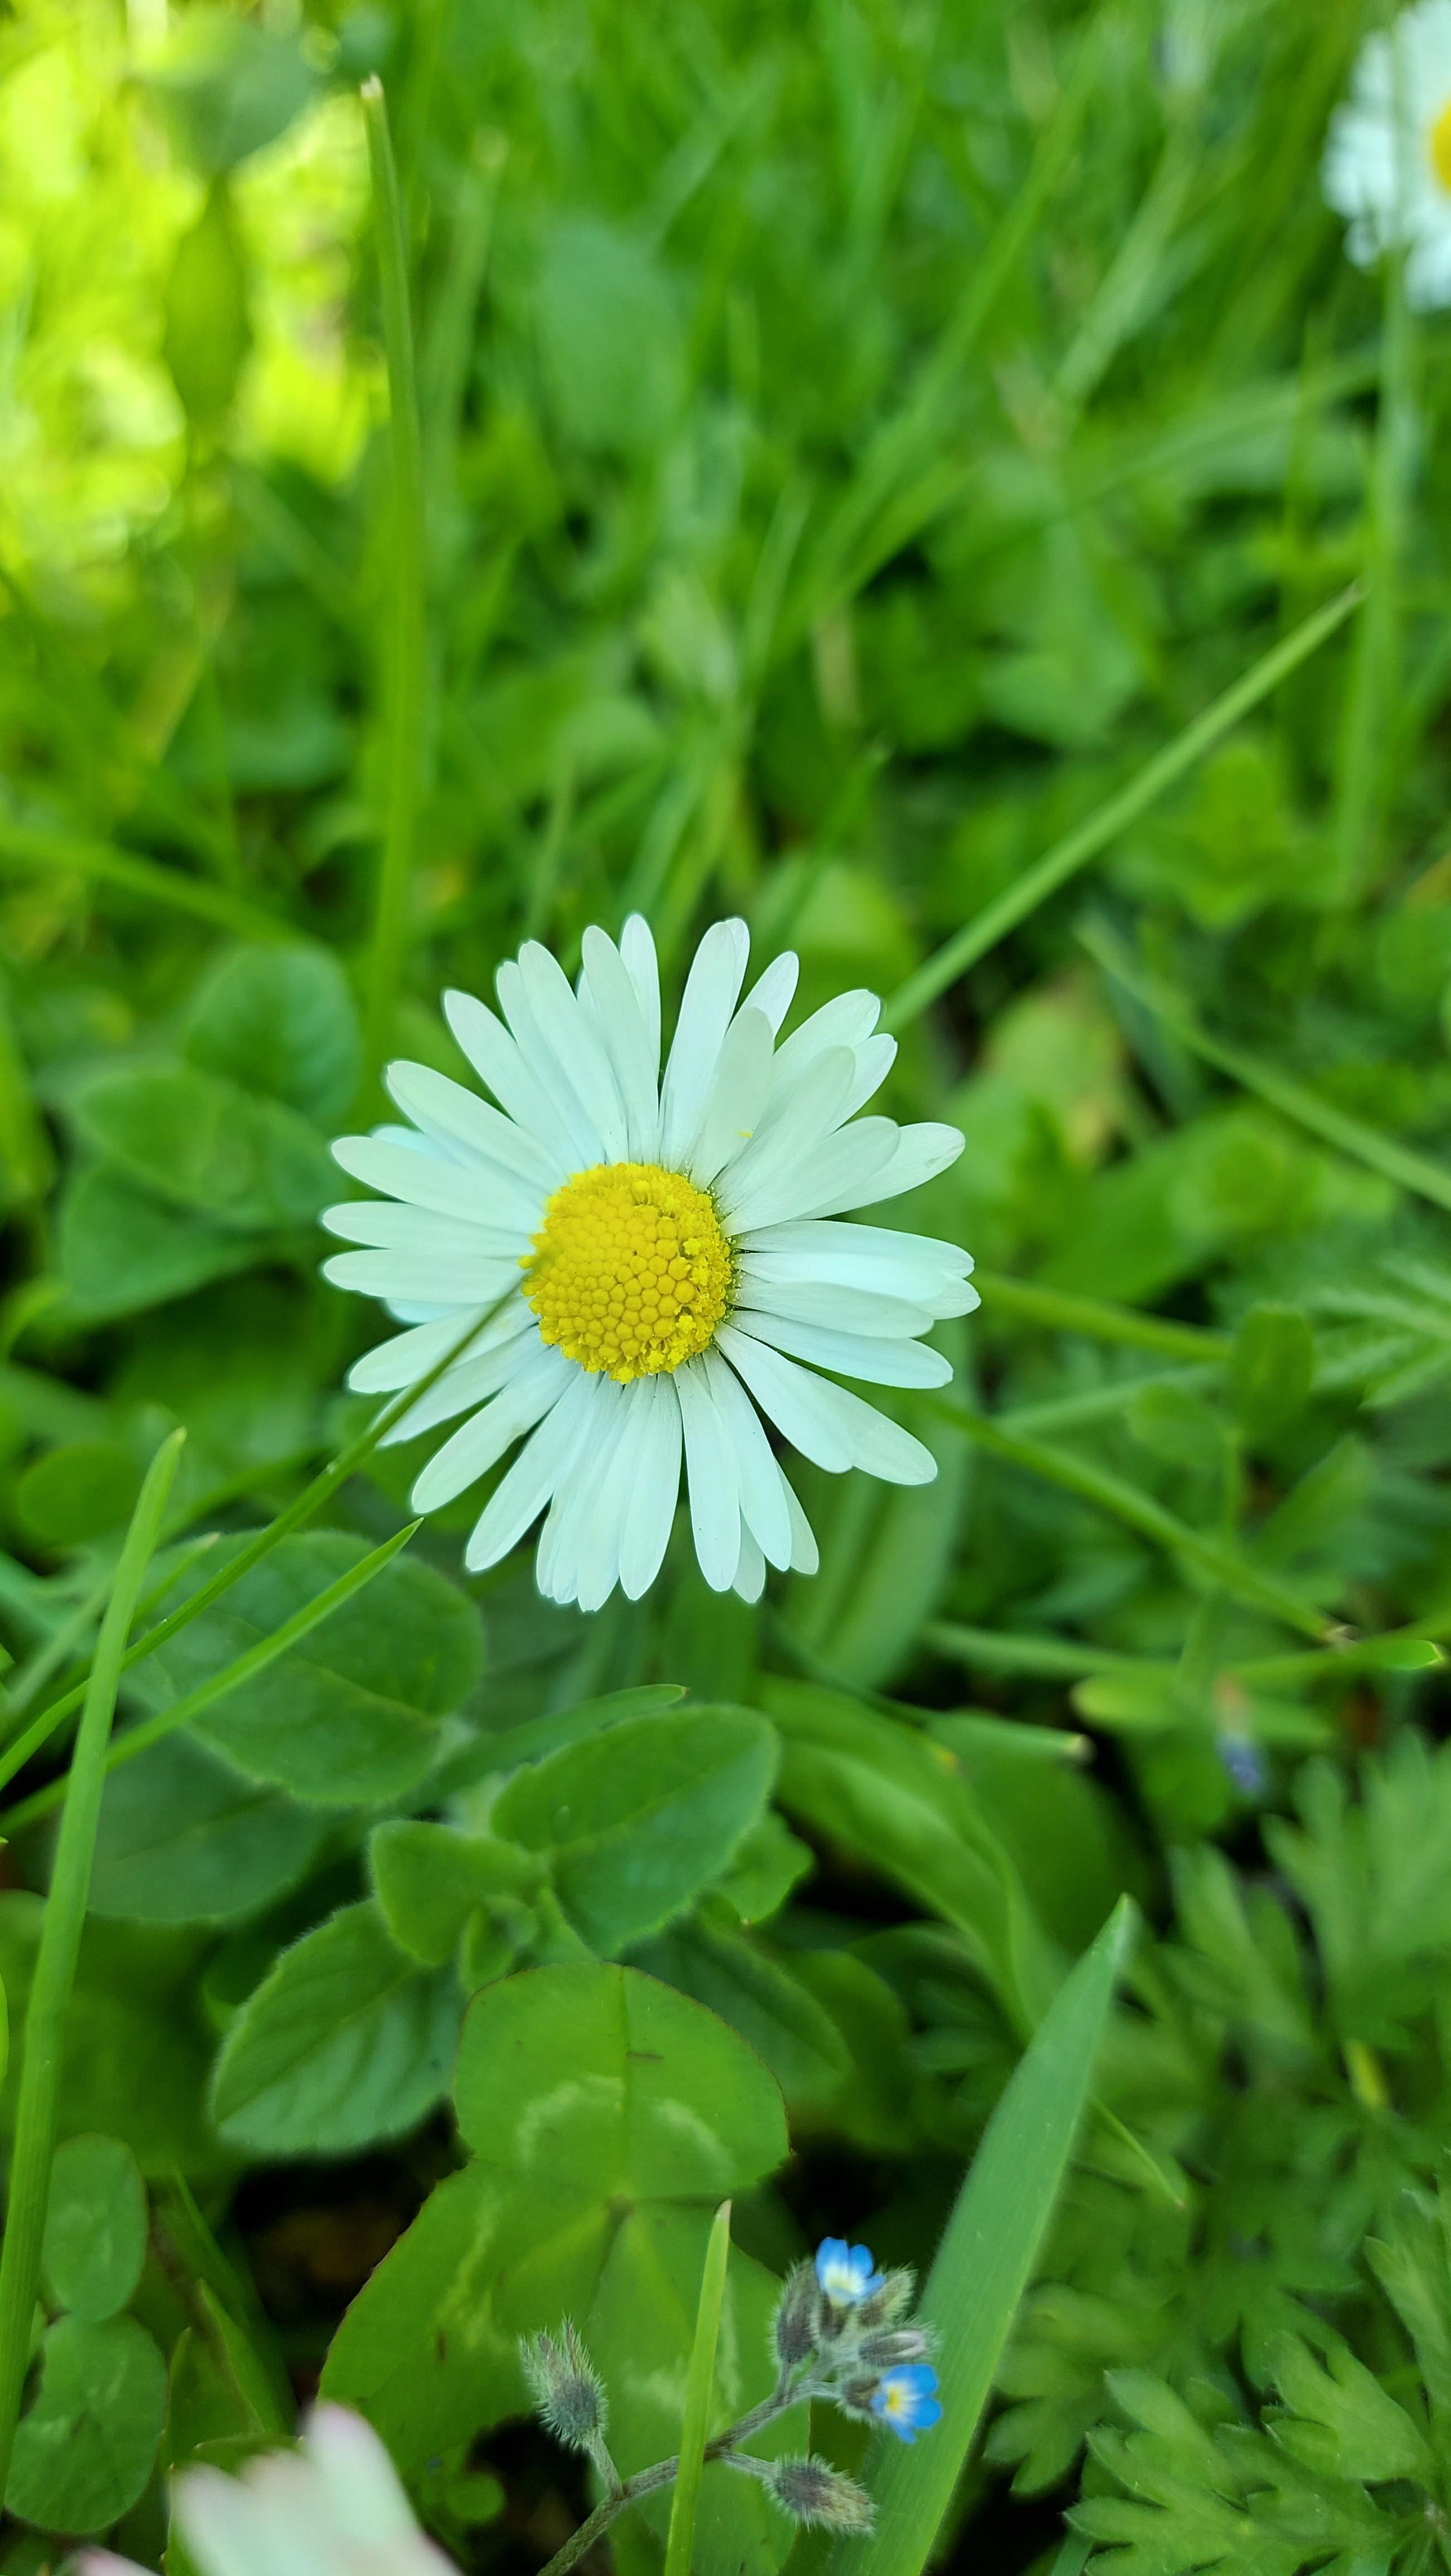 92ChcK - Bugünkü çiçekler kime gitsin ??